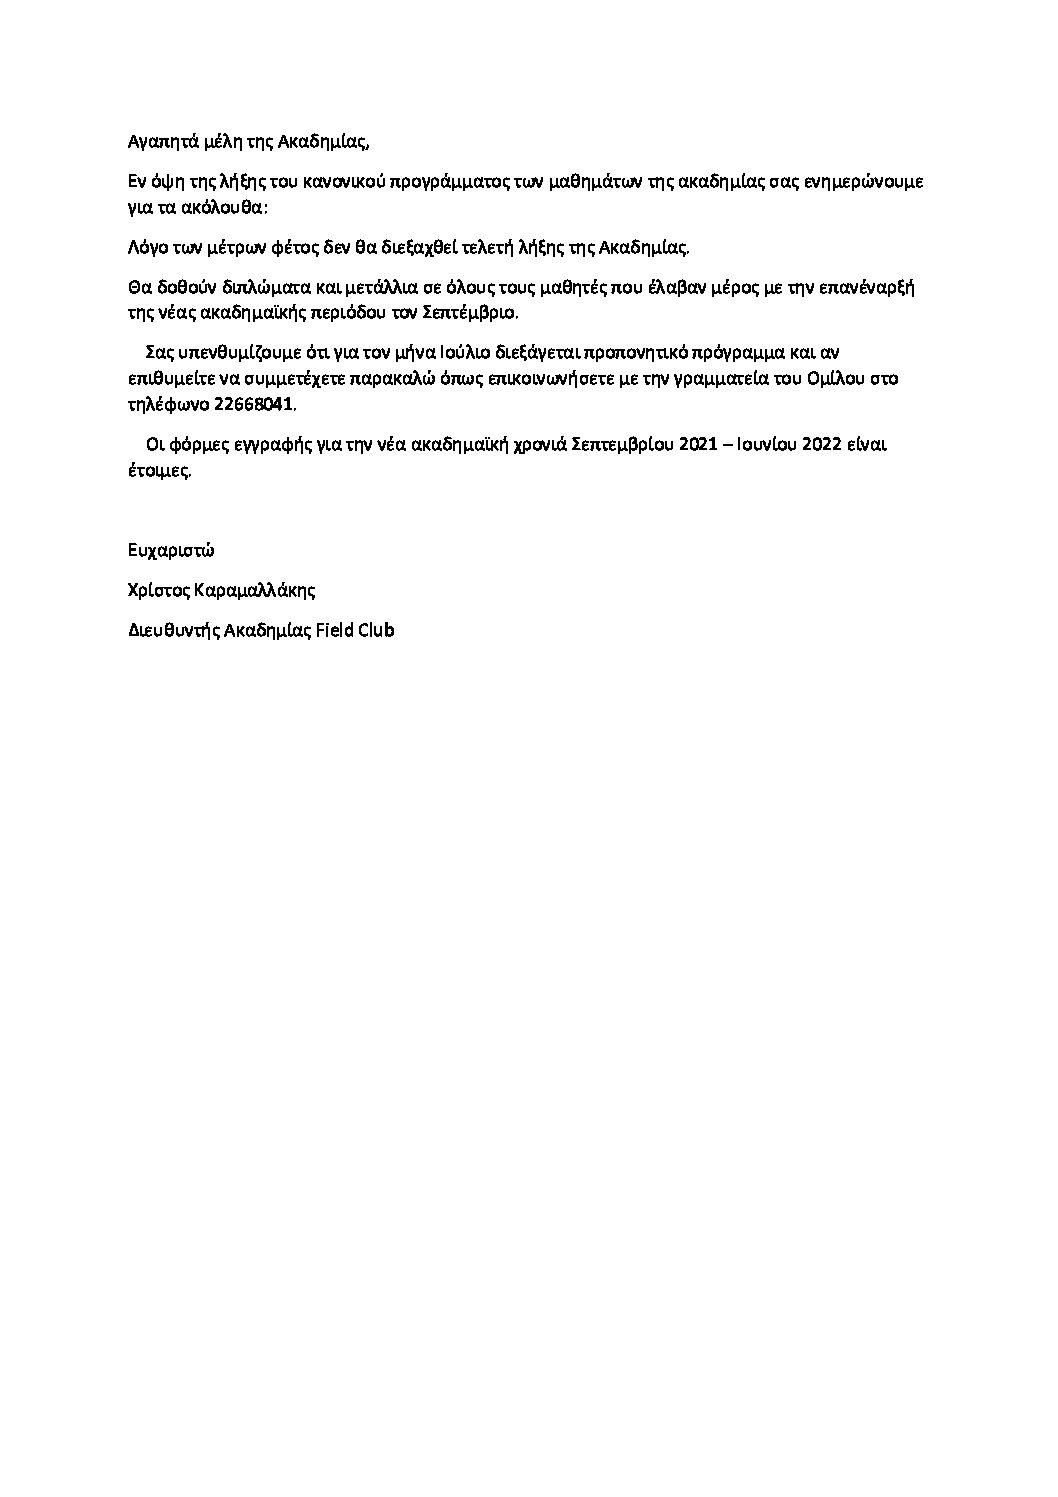 Ανακοίνωση-Ακαδημίας-Ιούλιος-2021-pdf